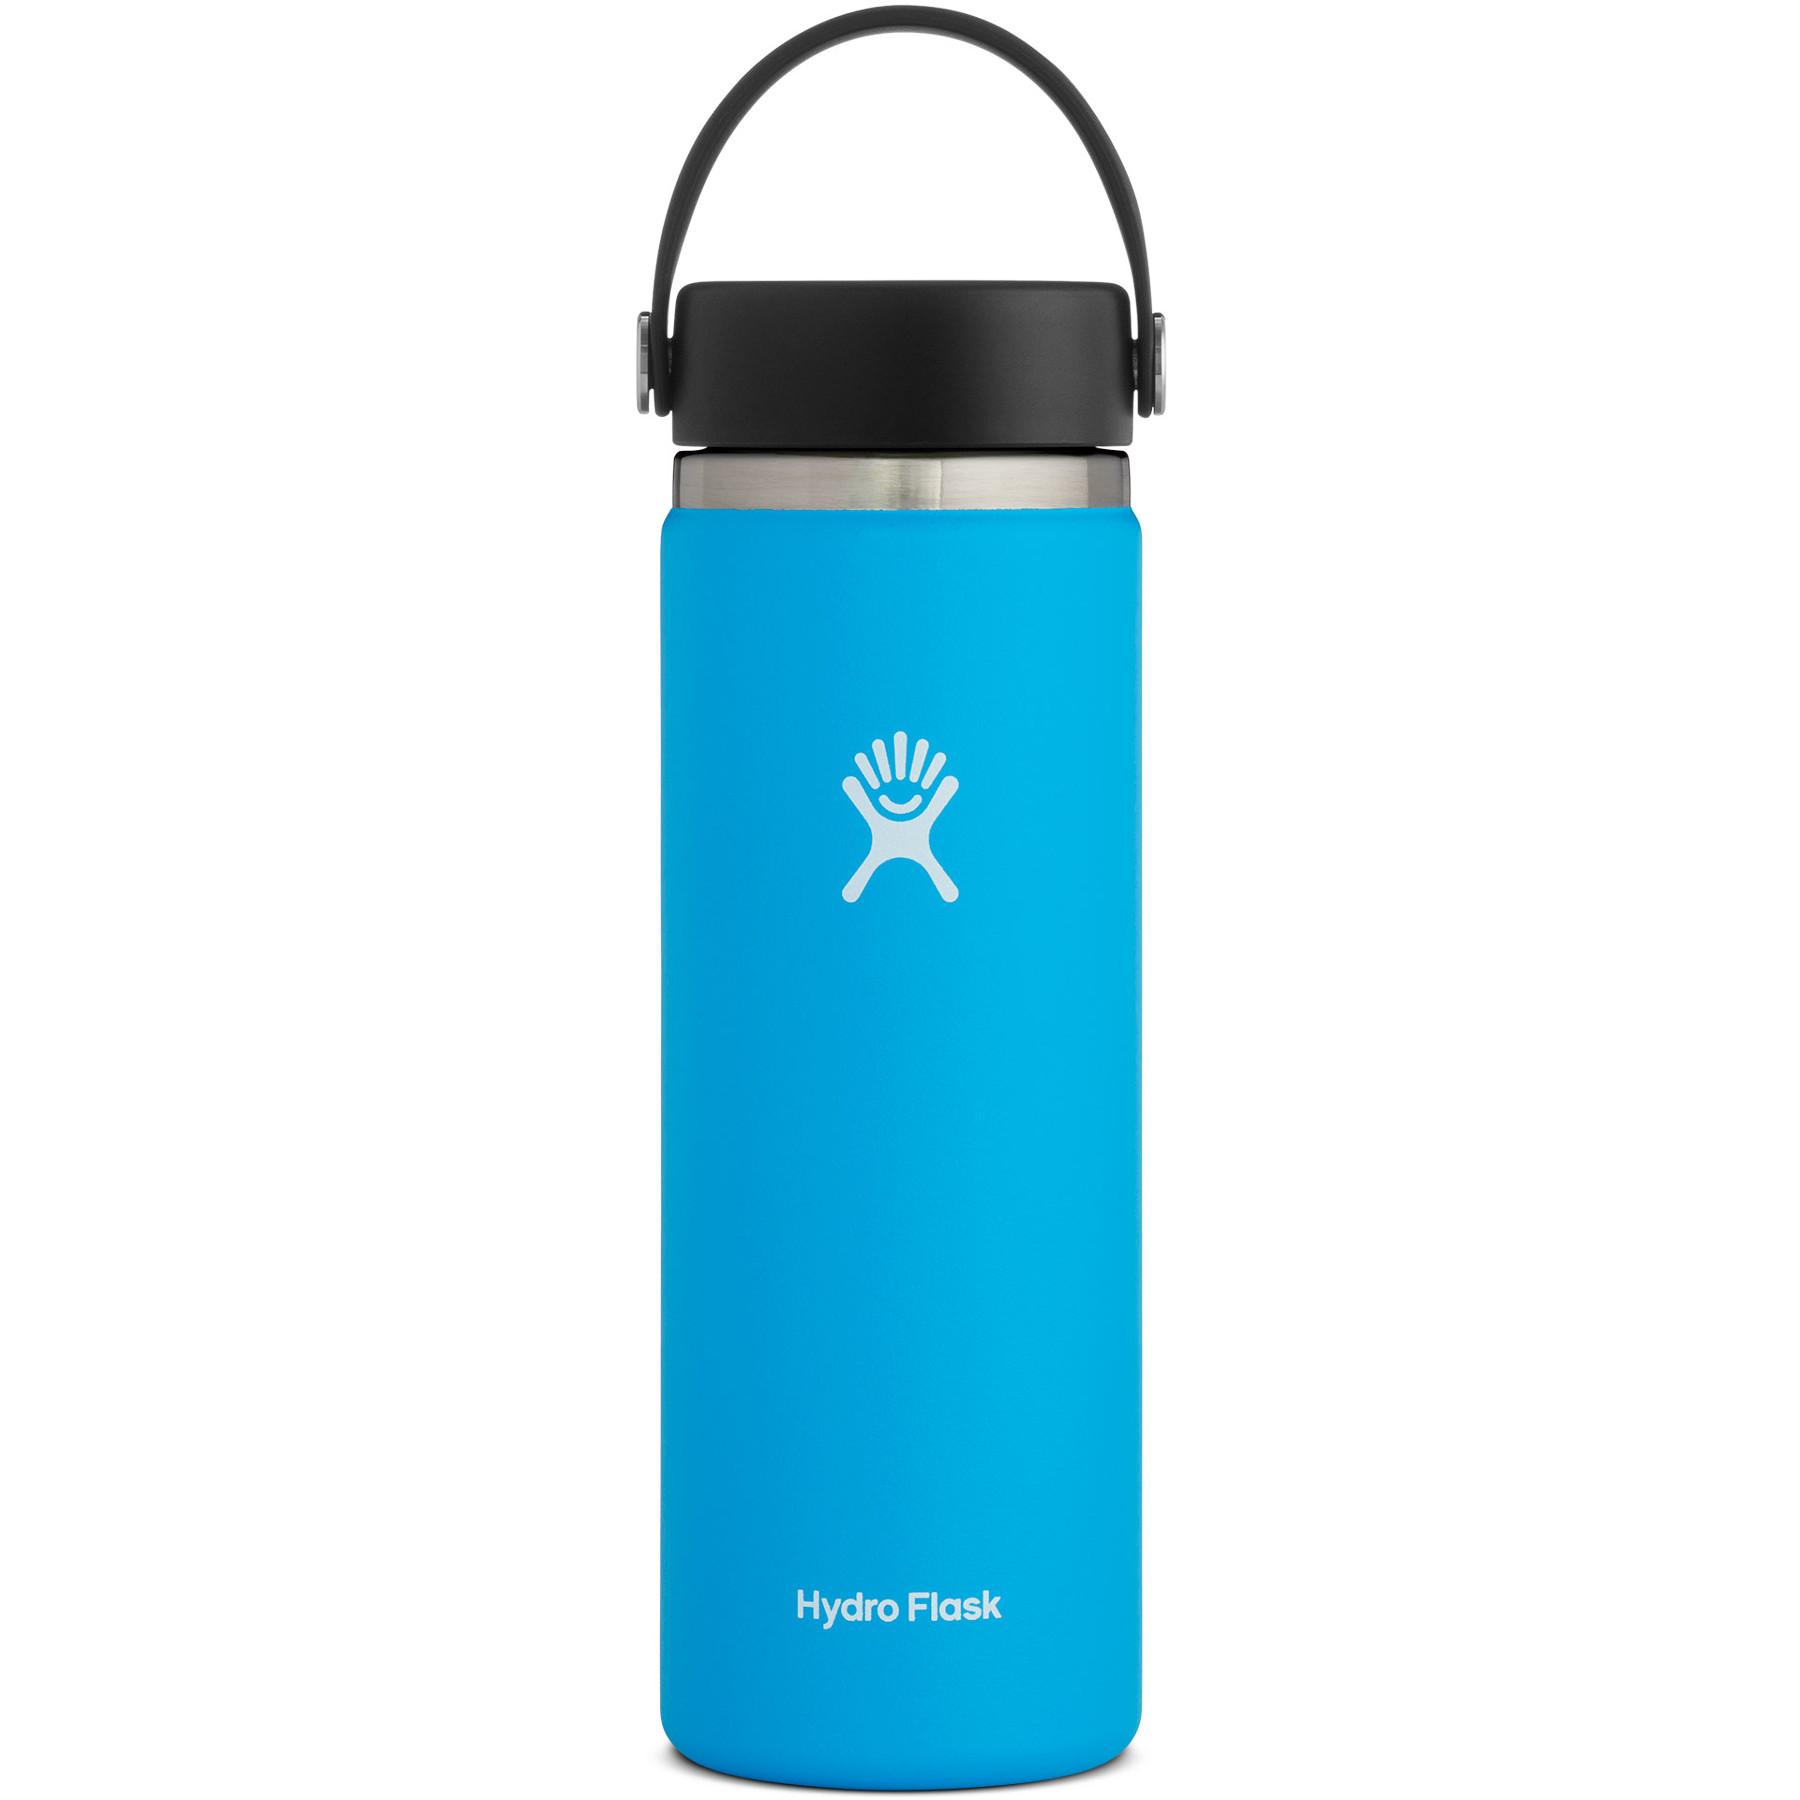 Produktbild von Hydro Flask 20oz Wide Mouth Flex Cap Thermoflasche 591ml - Pacific